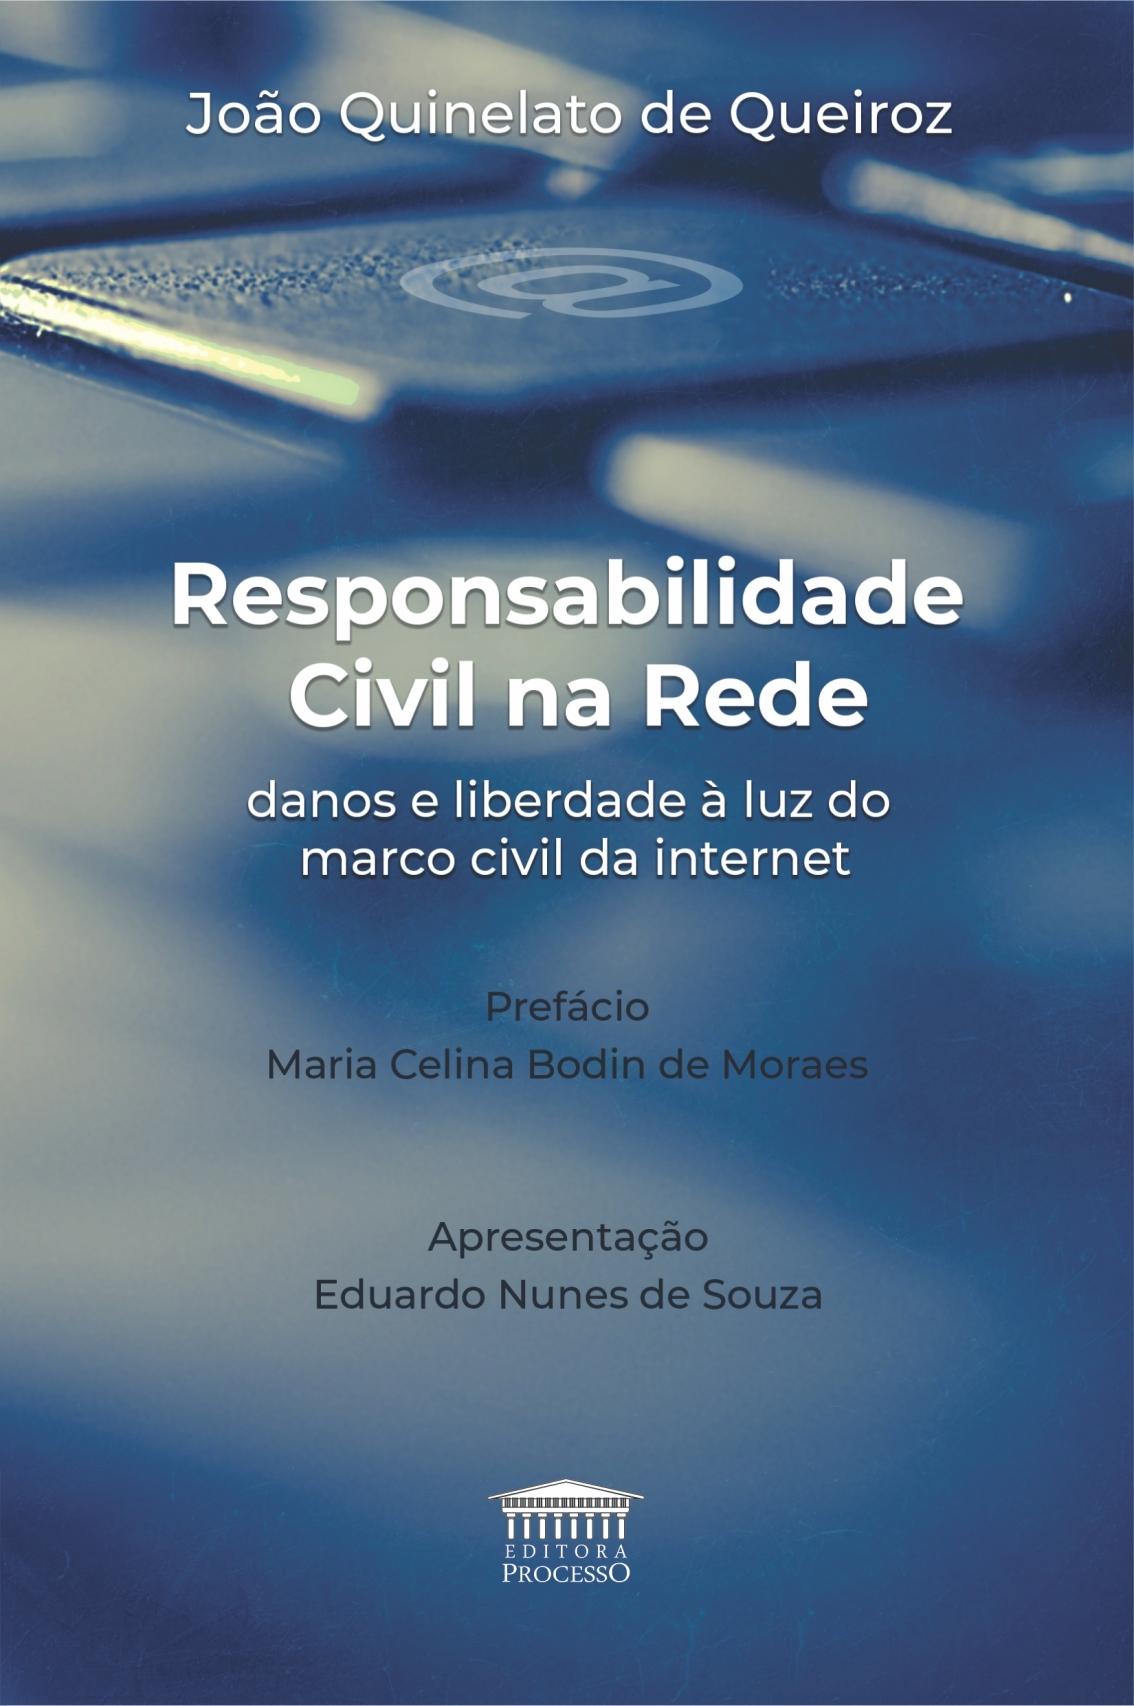 RESPONSABILIDADE CIVIL NA REDE, danos e liberdade à luz do marco civil da internet